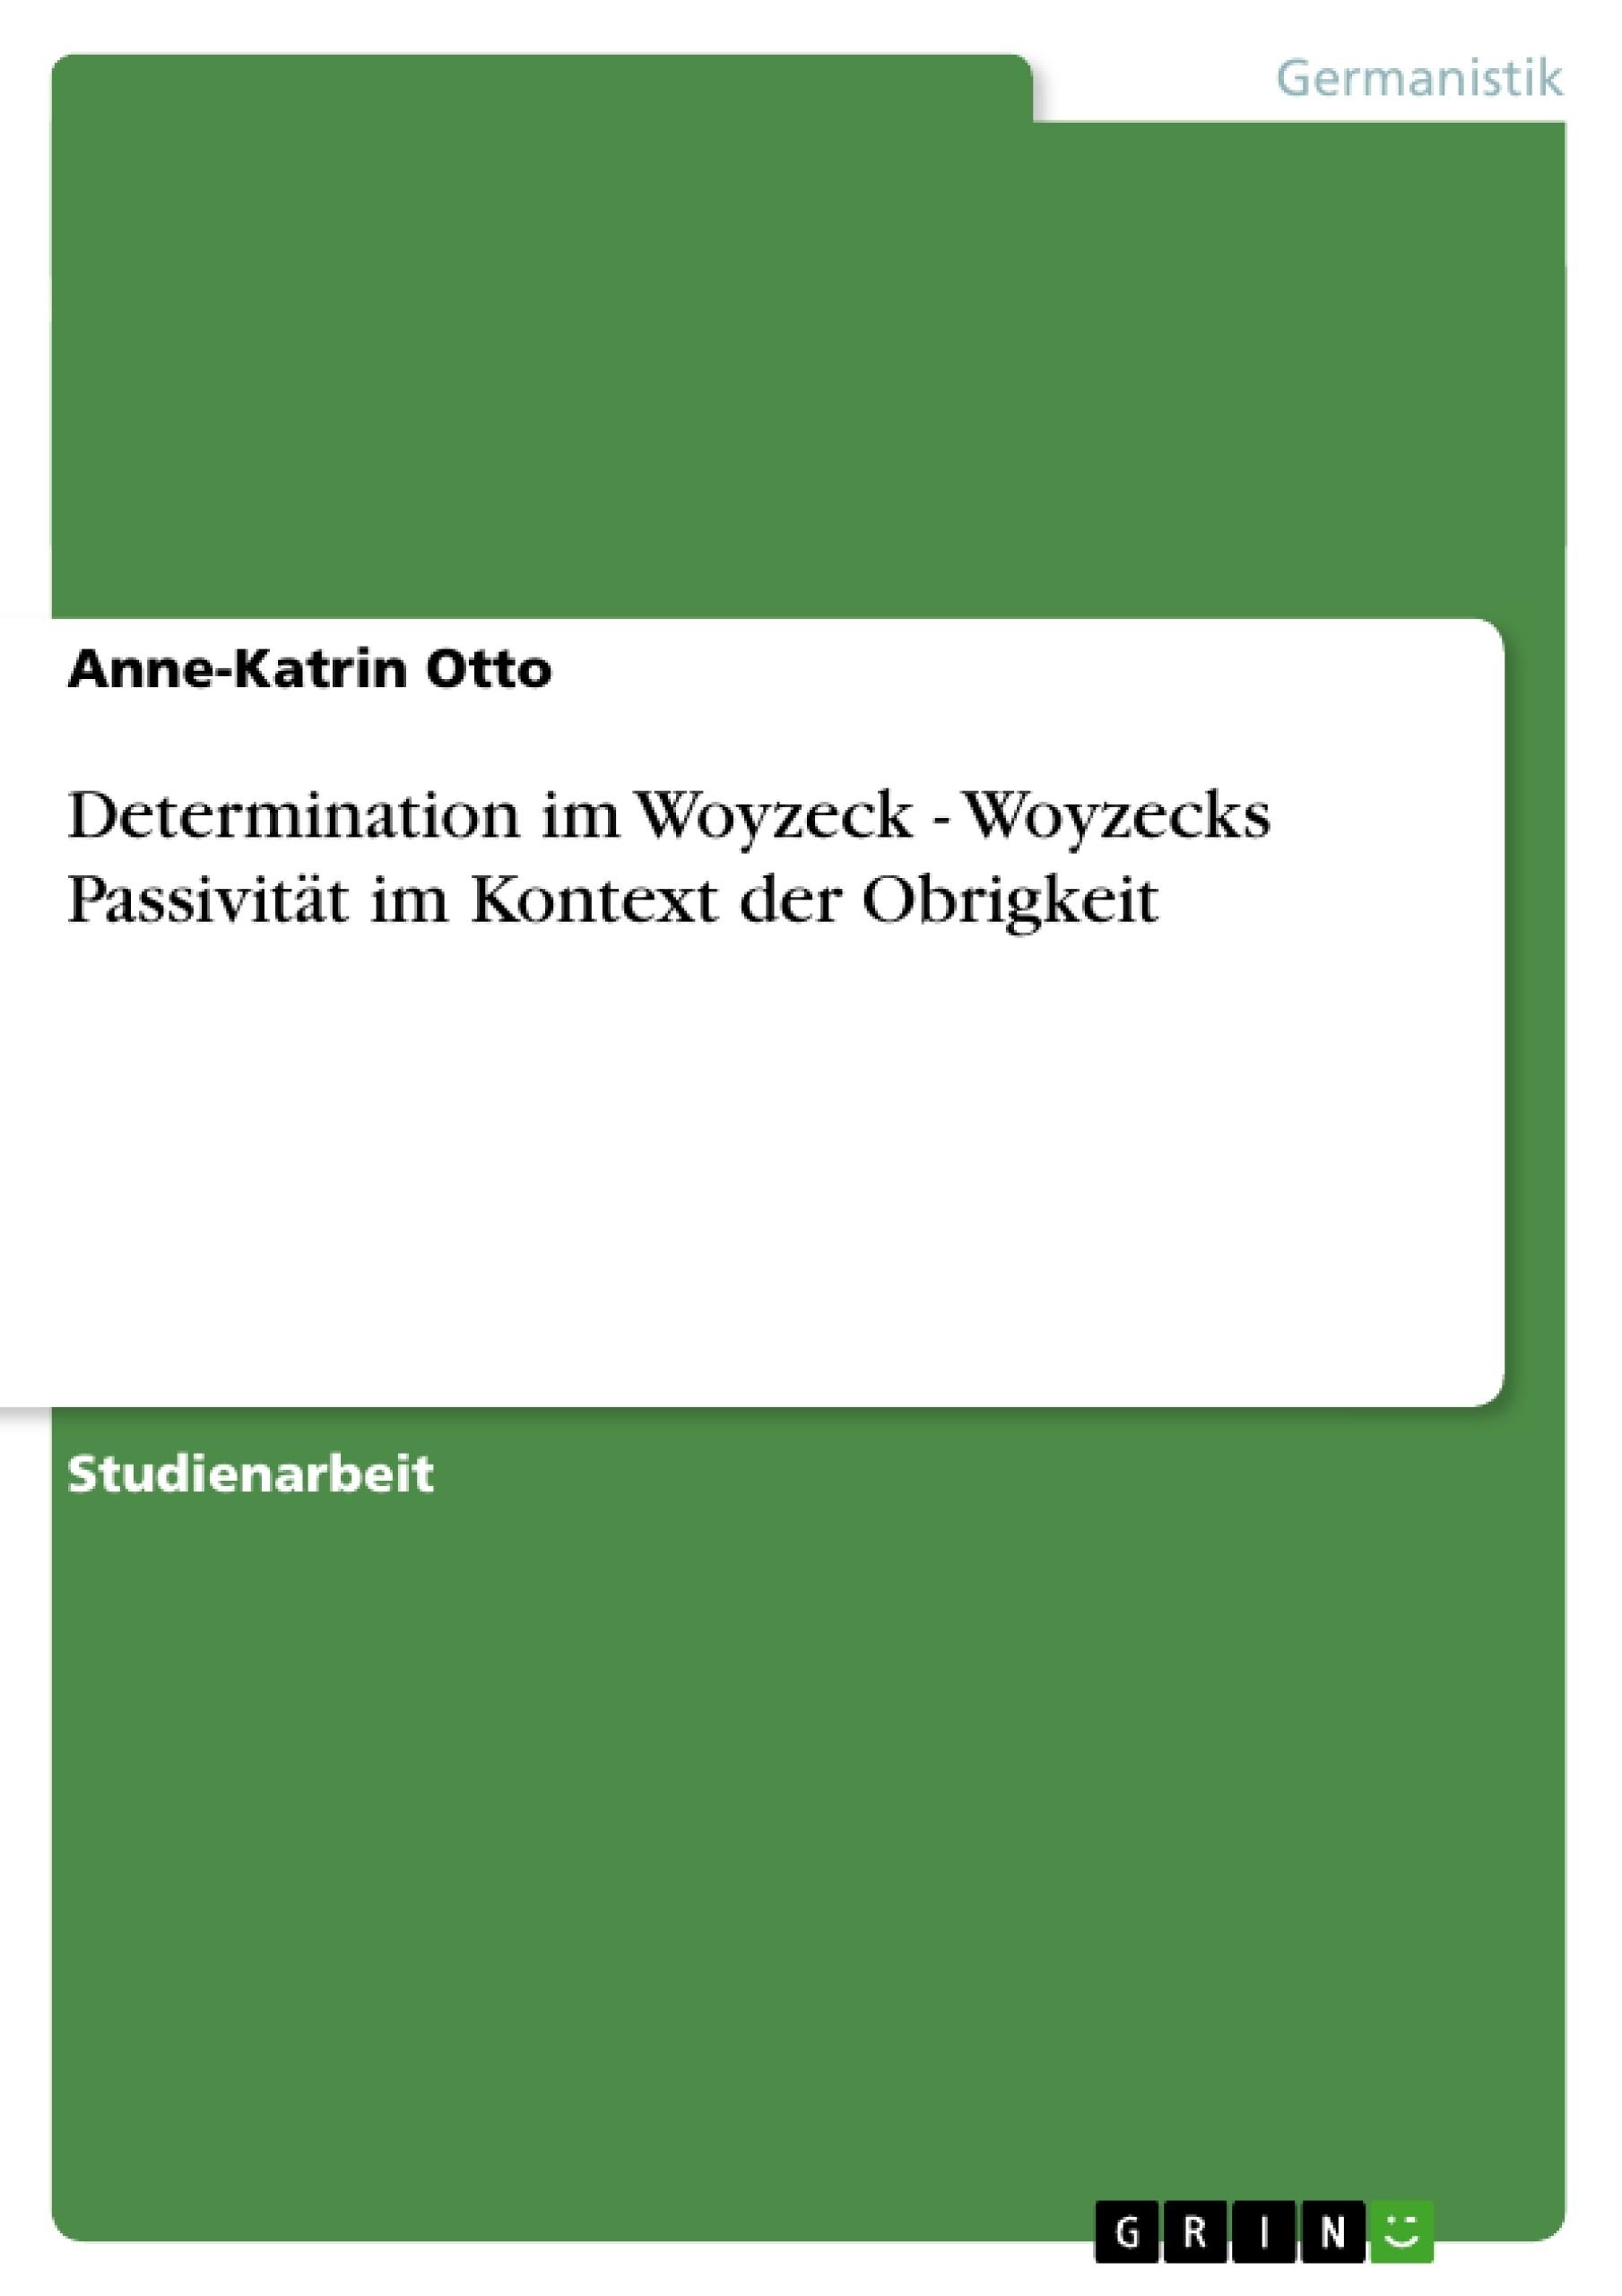 Titel: Determination im Woyzeck - Woyzecks Passivität im Kontext der Obrigkeit